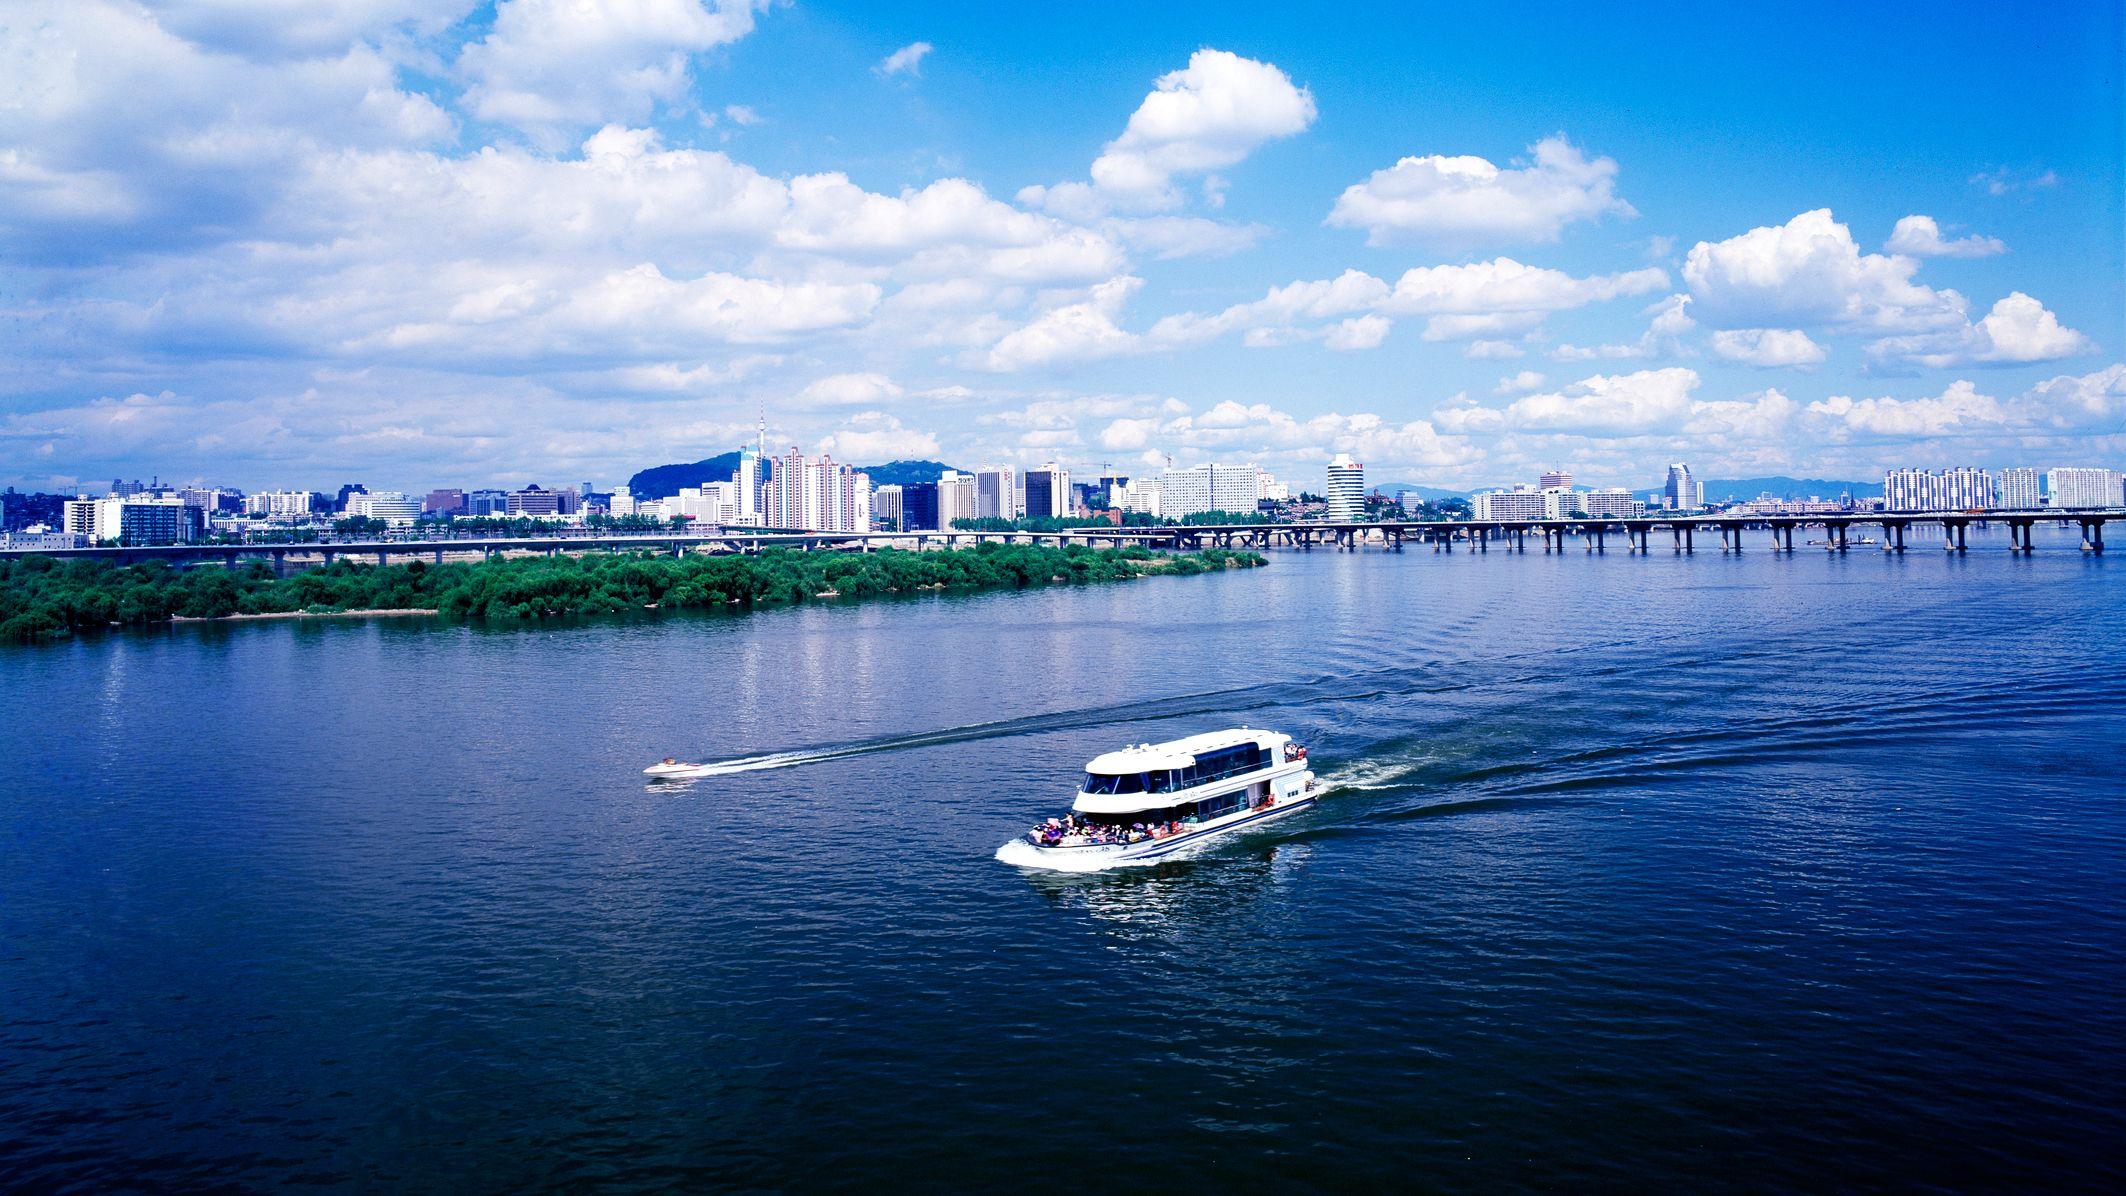 Han River Cruise & N Seoul Tower Tour